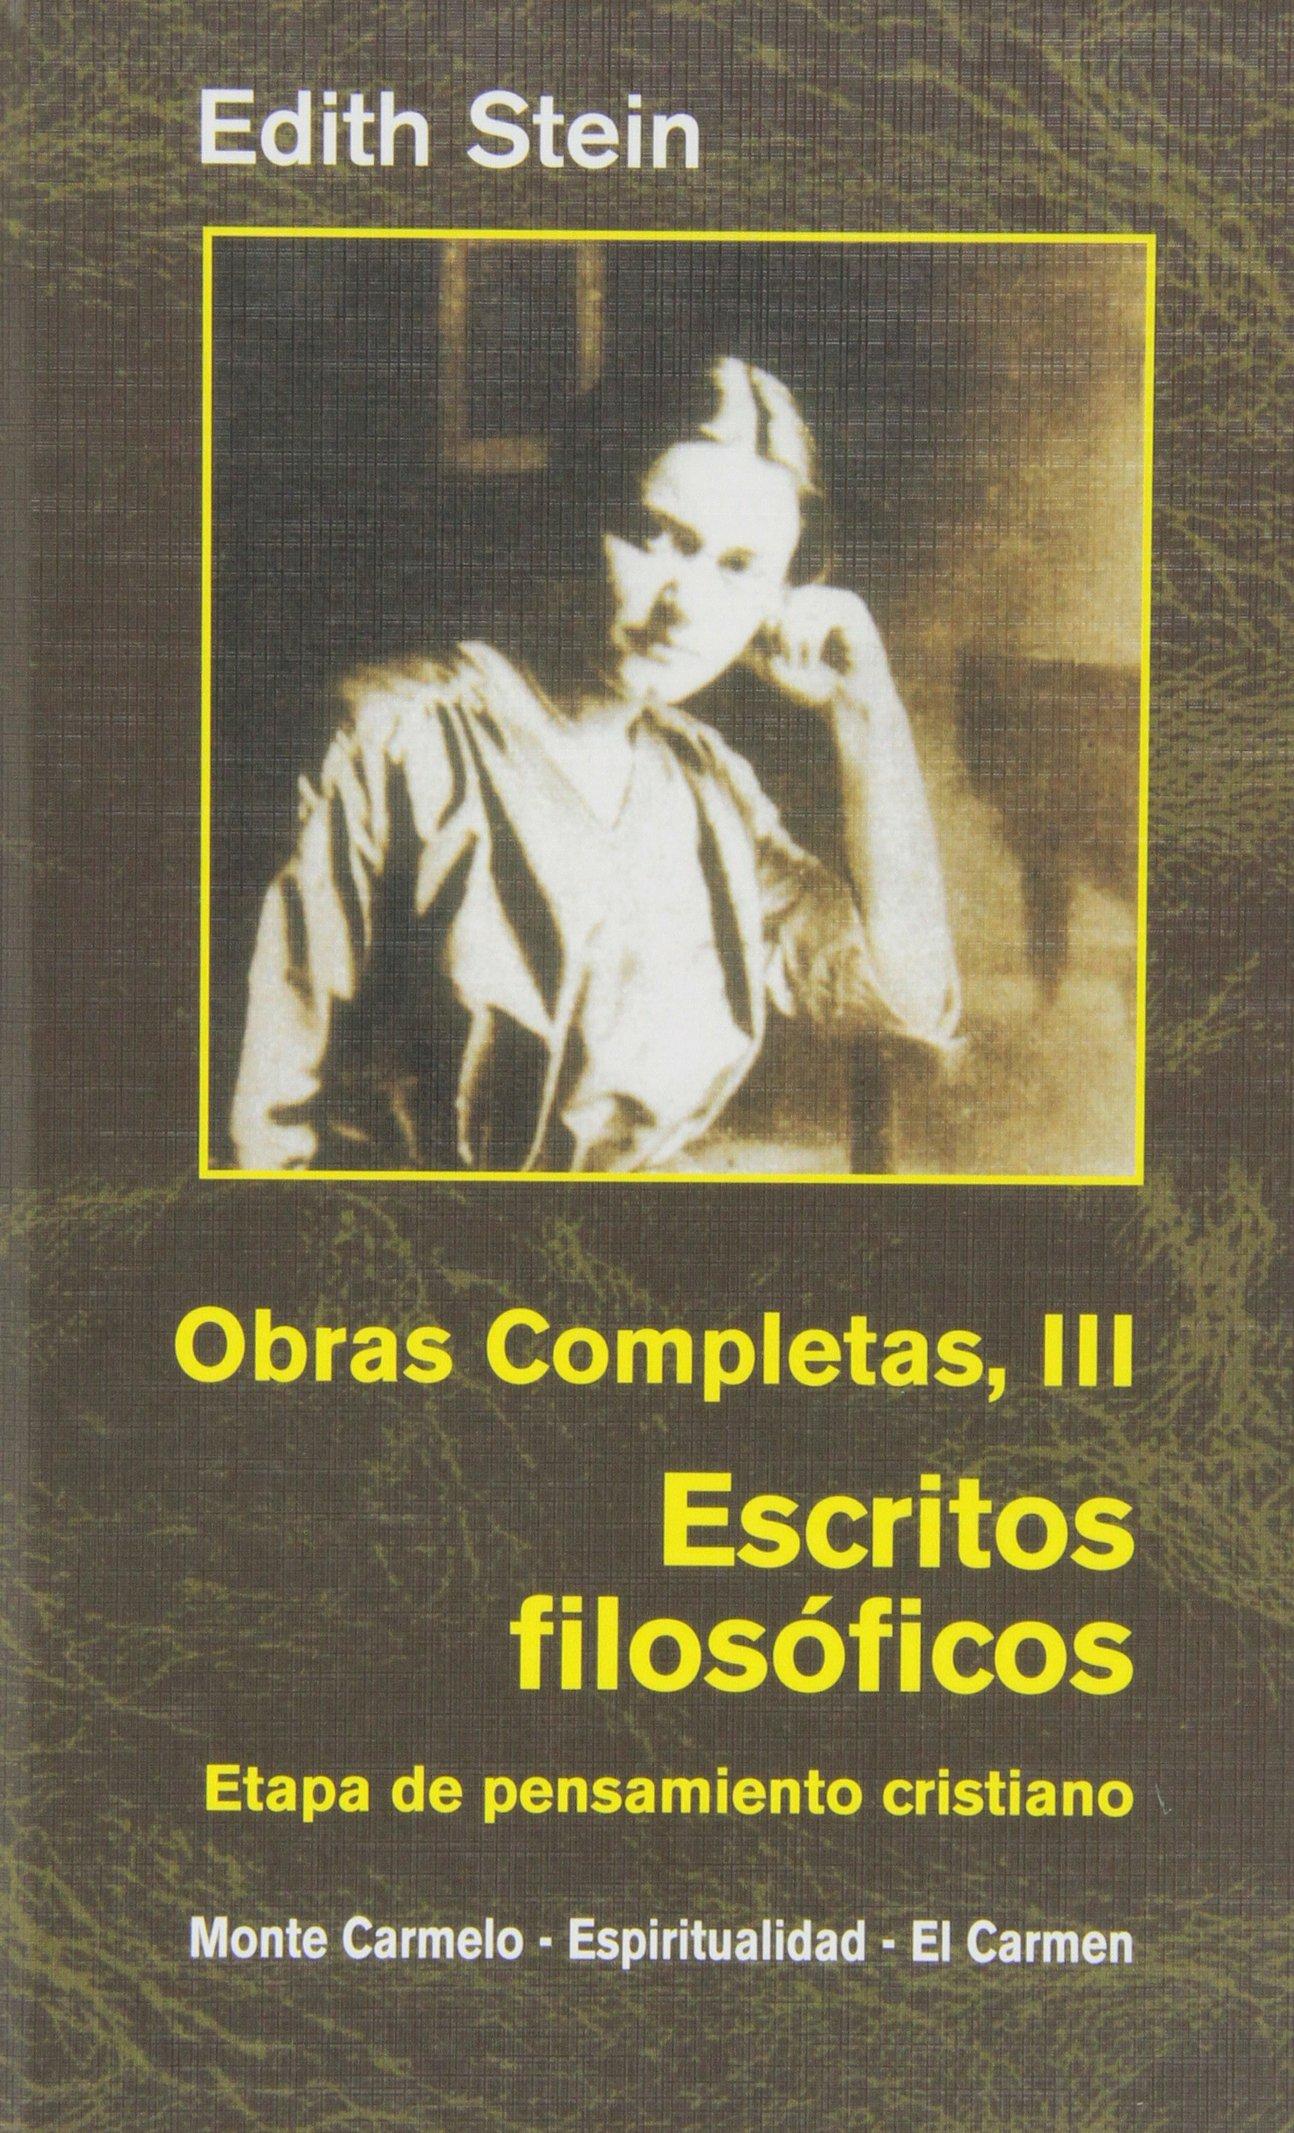 Obras Completas III: Escritos filosóficos. Etapa de pensamiento cristiano Maestros Espirituales Cristianos: Amazon.es: EDITH STEIN, Constantino Ruiz-Garrido ...